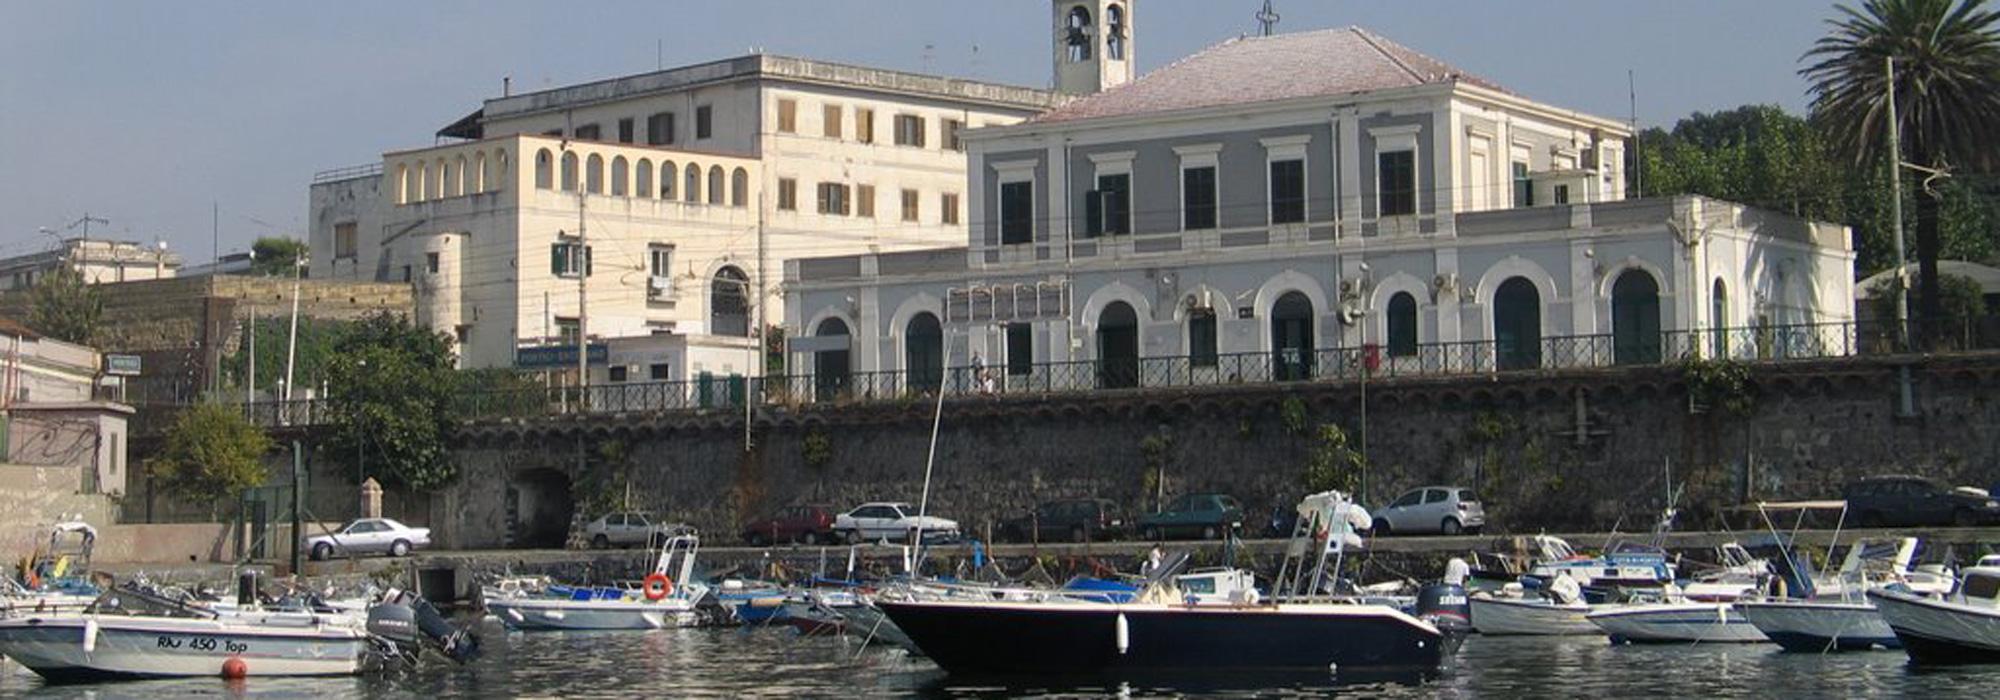 Agenzia Immobiliare Tempo di casa. Vendita e affitto a Portici Napoli